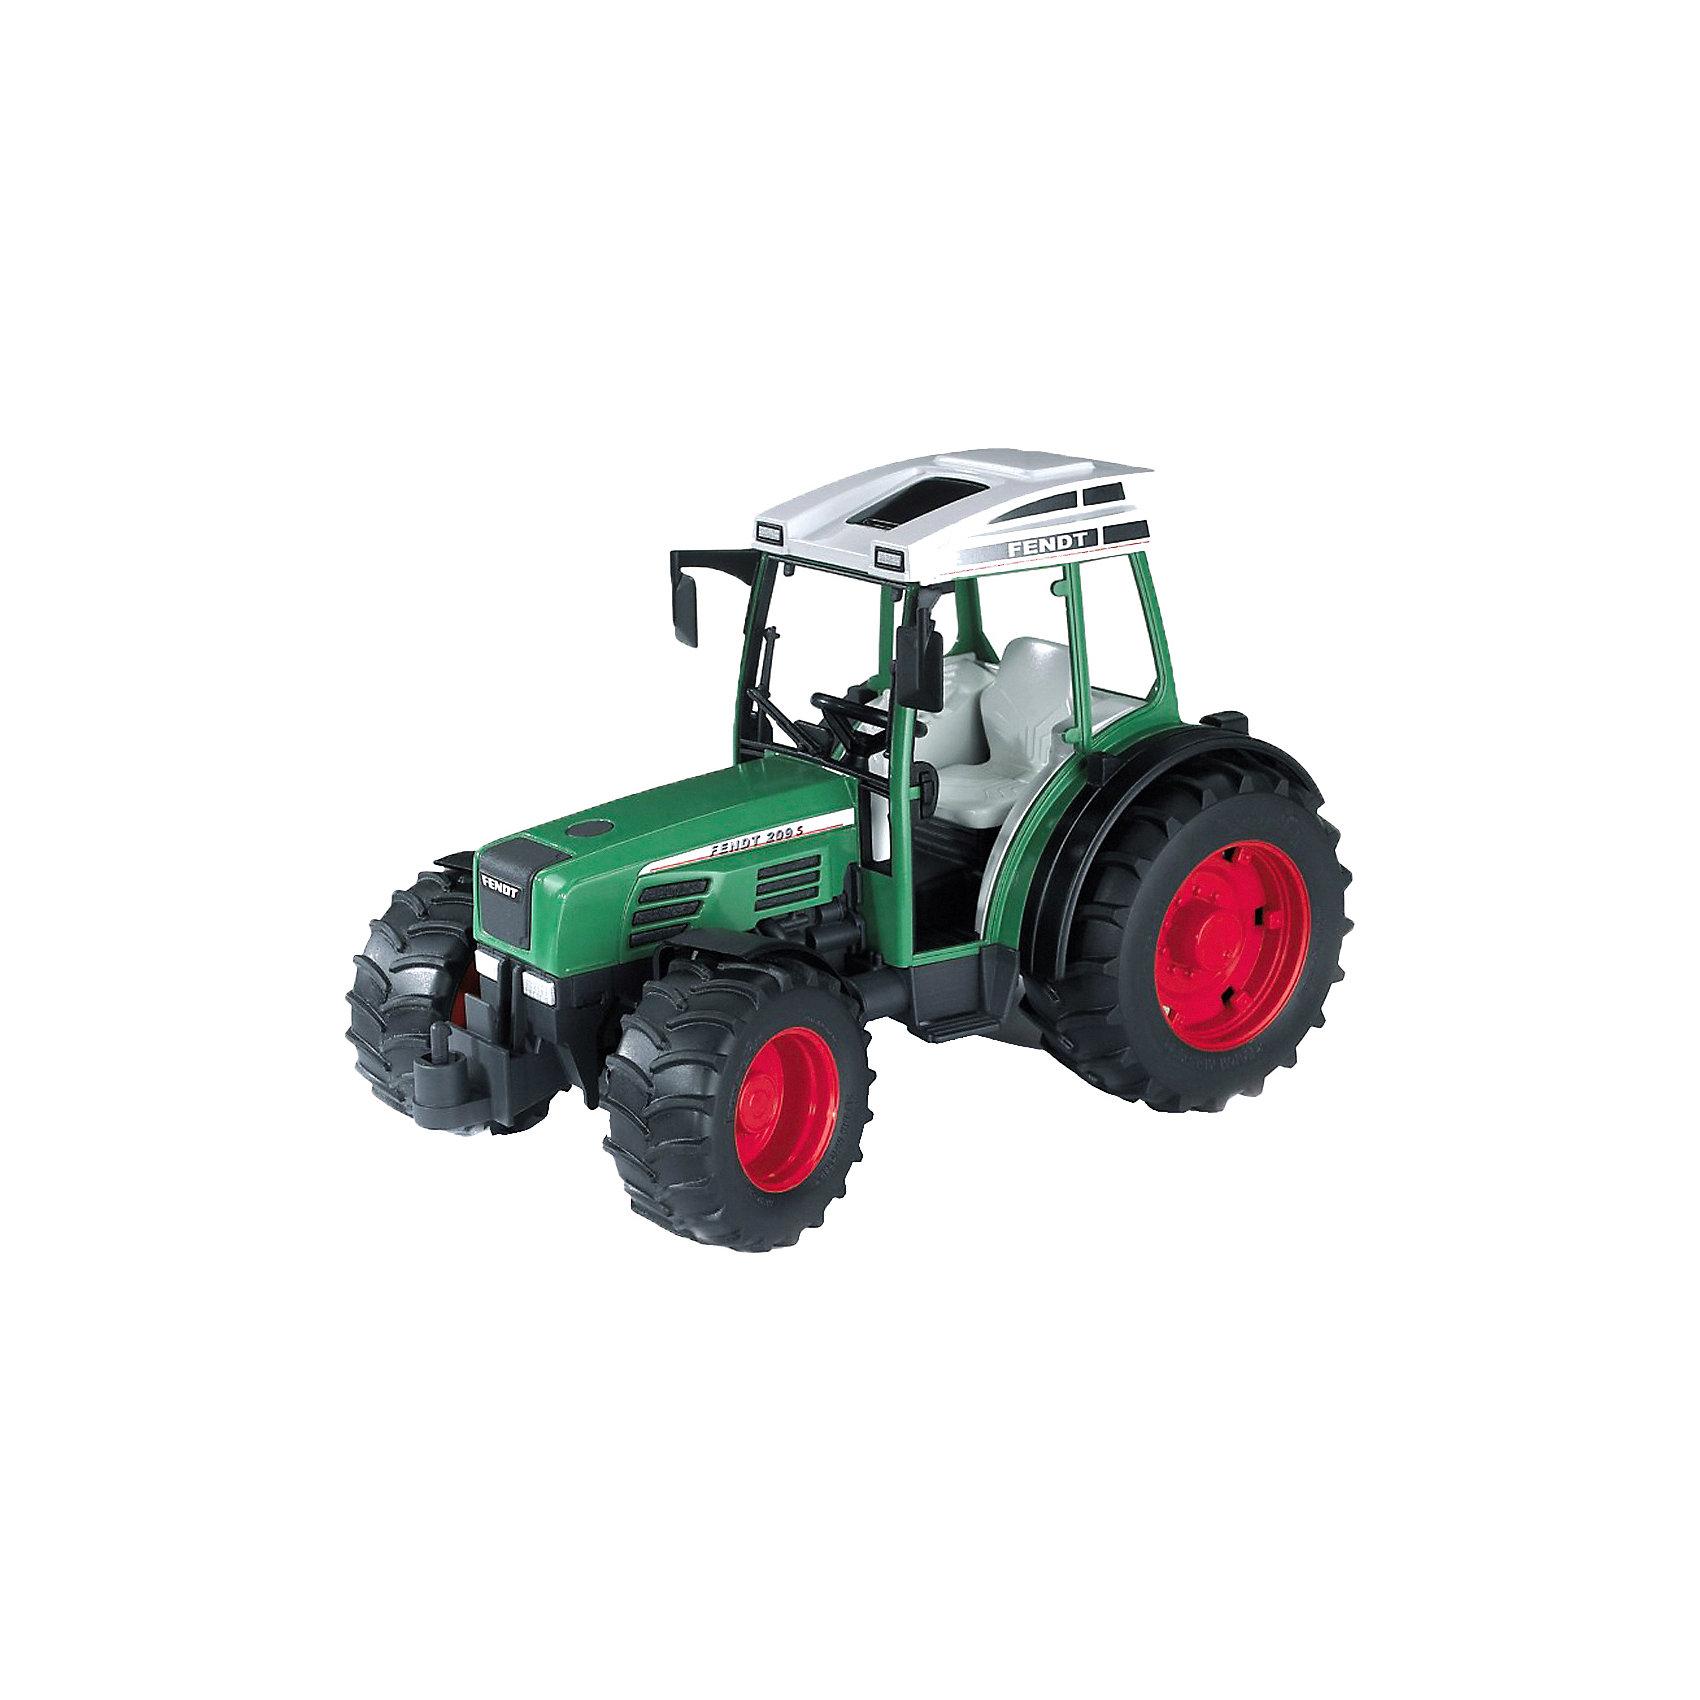 Трактор Fendt 209 S, BruderМашинки<br>Трактор Fendt 209 S от Bruder (Брудер) - это уменьшенная модель настоящего сельскохозяйственного трактора, выполненная в высоком качестве и с большим вниманием к деталям. Этот небольшой компактный трактор предназначен для работы в альпийских условиях, на фермах, пастбищах и виноградниках. Трактор оснащен кабиной и сиденьем водителя внутри, имеются складные зеркала заднего вида. Передние колеса управляются с помощью руля в кабине или с помощью удлинителя руля, который устанавливается через люк в крыше кабины. <br><br>У трактора мощные прорезиненные колеса, что обеспечивает сохранность напольного покрытия. Передняя ось оснащена амортизатором, имеются сцепное устройство и подвижный передний мост. На трактор можно установить дополнительное навесное оборудование (косилки, ковши, плуг, борону) (в комплект не входит).<br><br>Дополнительная информация:<br><br>- Масштаб: 1:16.<br>- Материал: высококачественный пластик, резина. <br>- Размер игрушки: 23,6 x 13 x 15 см.<br>- Размер упаковки: 27 х 15 х 18 см.<br>- Вес: 0,463 кг.<br><br>Трактор Fendt 209 S Bruder можно купить в нашем интернет-магазине.<br><br>Ширина мм: 302<br>Глубина мм: 218<br>Высота мм: 167<br>Вес г: 492<br>Возраст от месяцев: 36<br>Возраст до месяцев: 96<br>Пол: Мужской<br>Возраст: Детский<br>SKU: 1471090